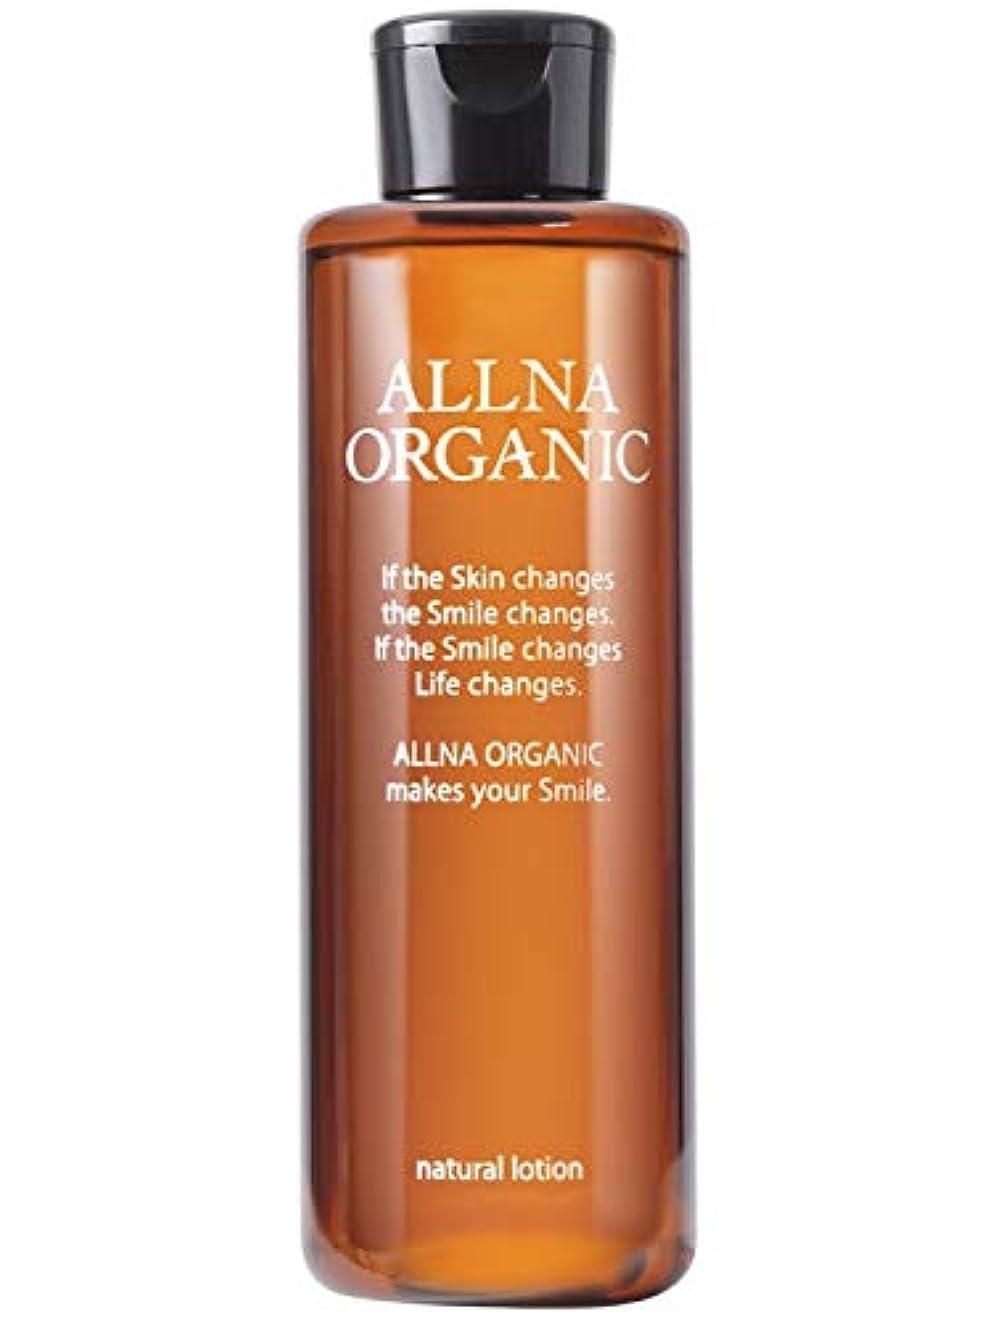 コンテストじゃないバルセロナオルナ オーガニック 化粧水 「 保湿 乾燥 かさつき 用」「 コラーゲン ビタミンC誘導体 ヒアルロン酸 セラミド 配合」200ml